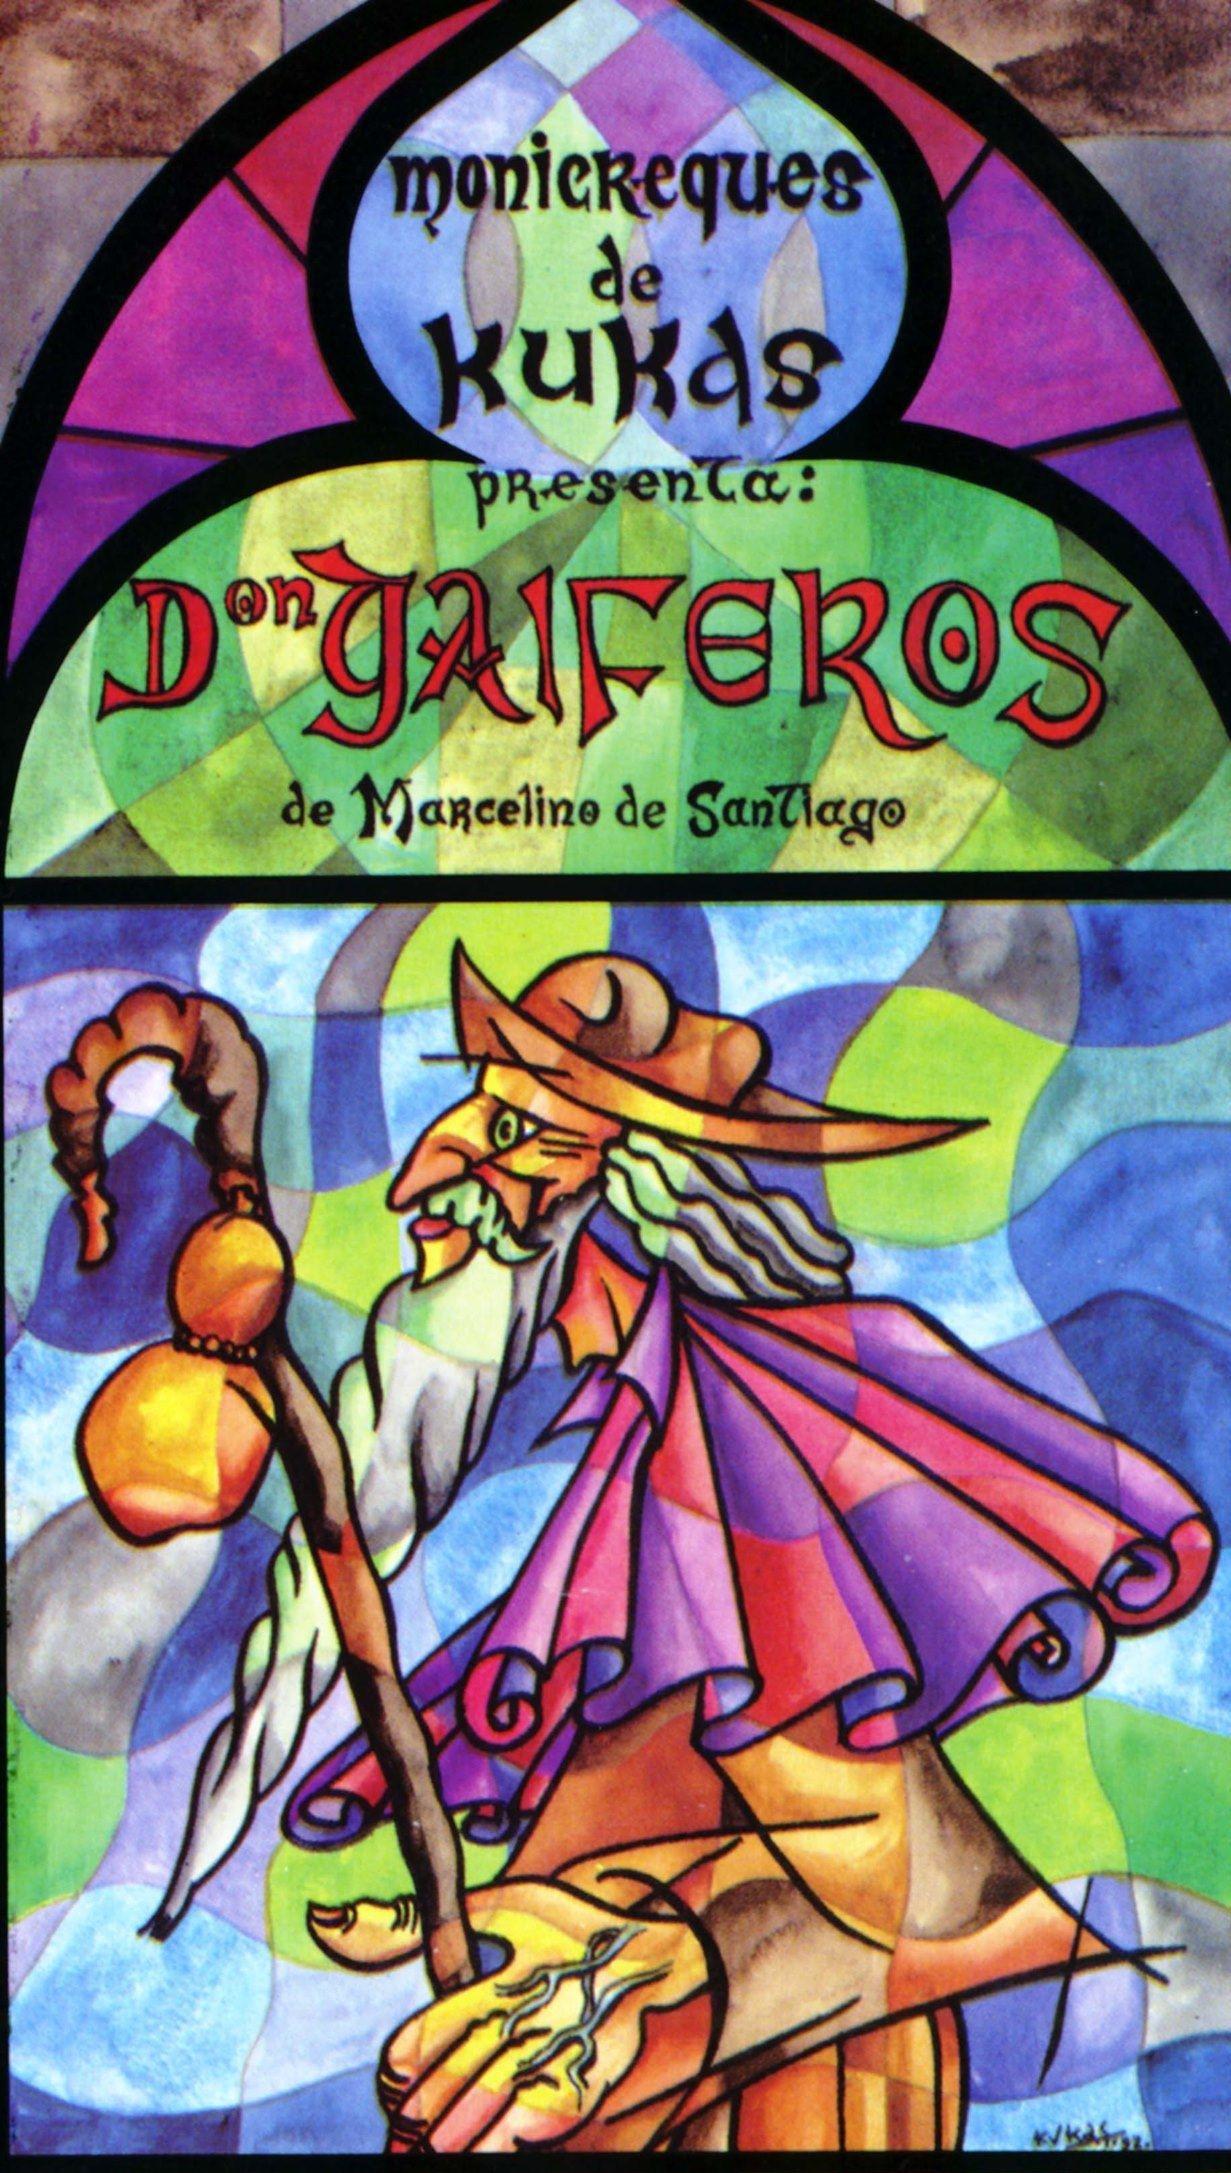 Monicrequeres de Kukas estrea a nova versión do seu <i>Don Gaiferos</i>